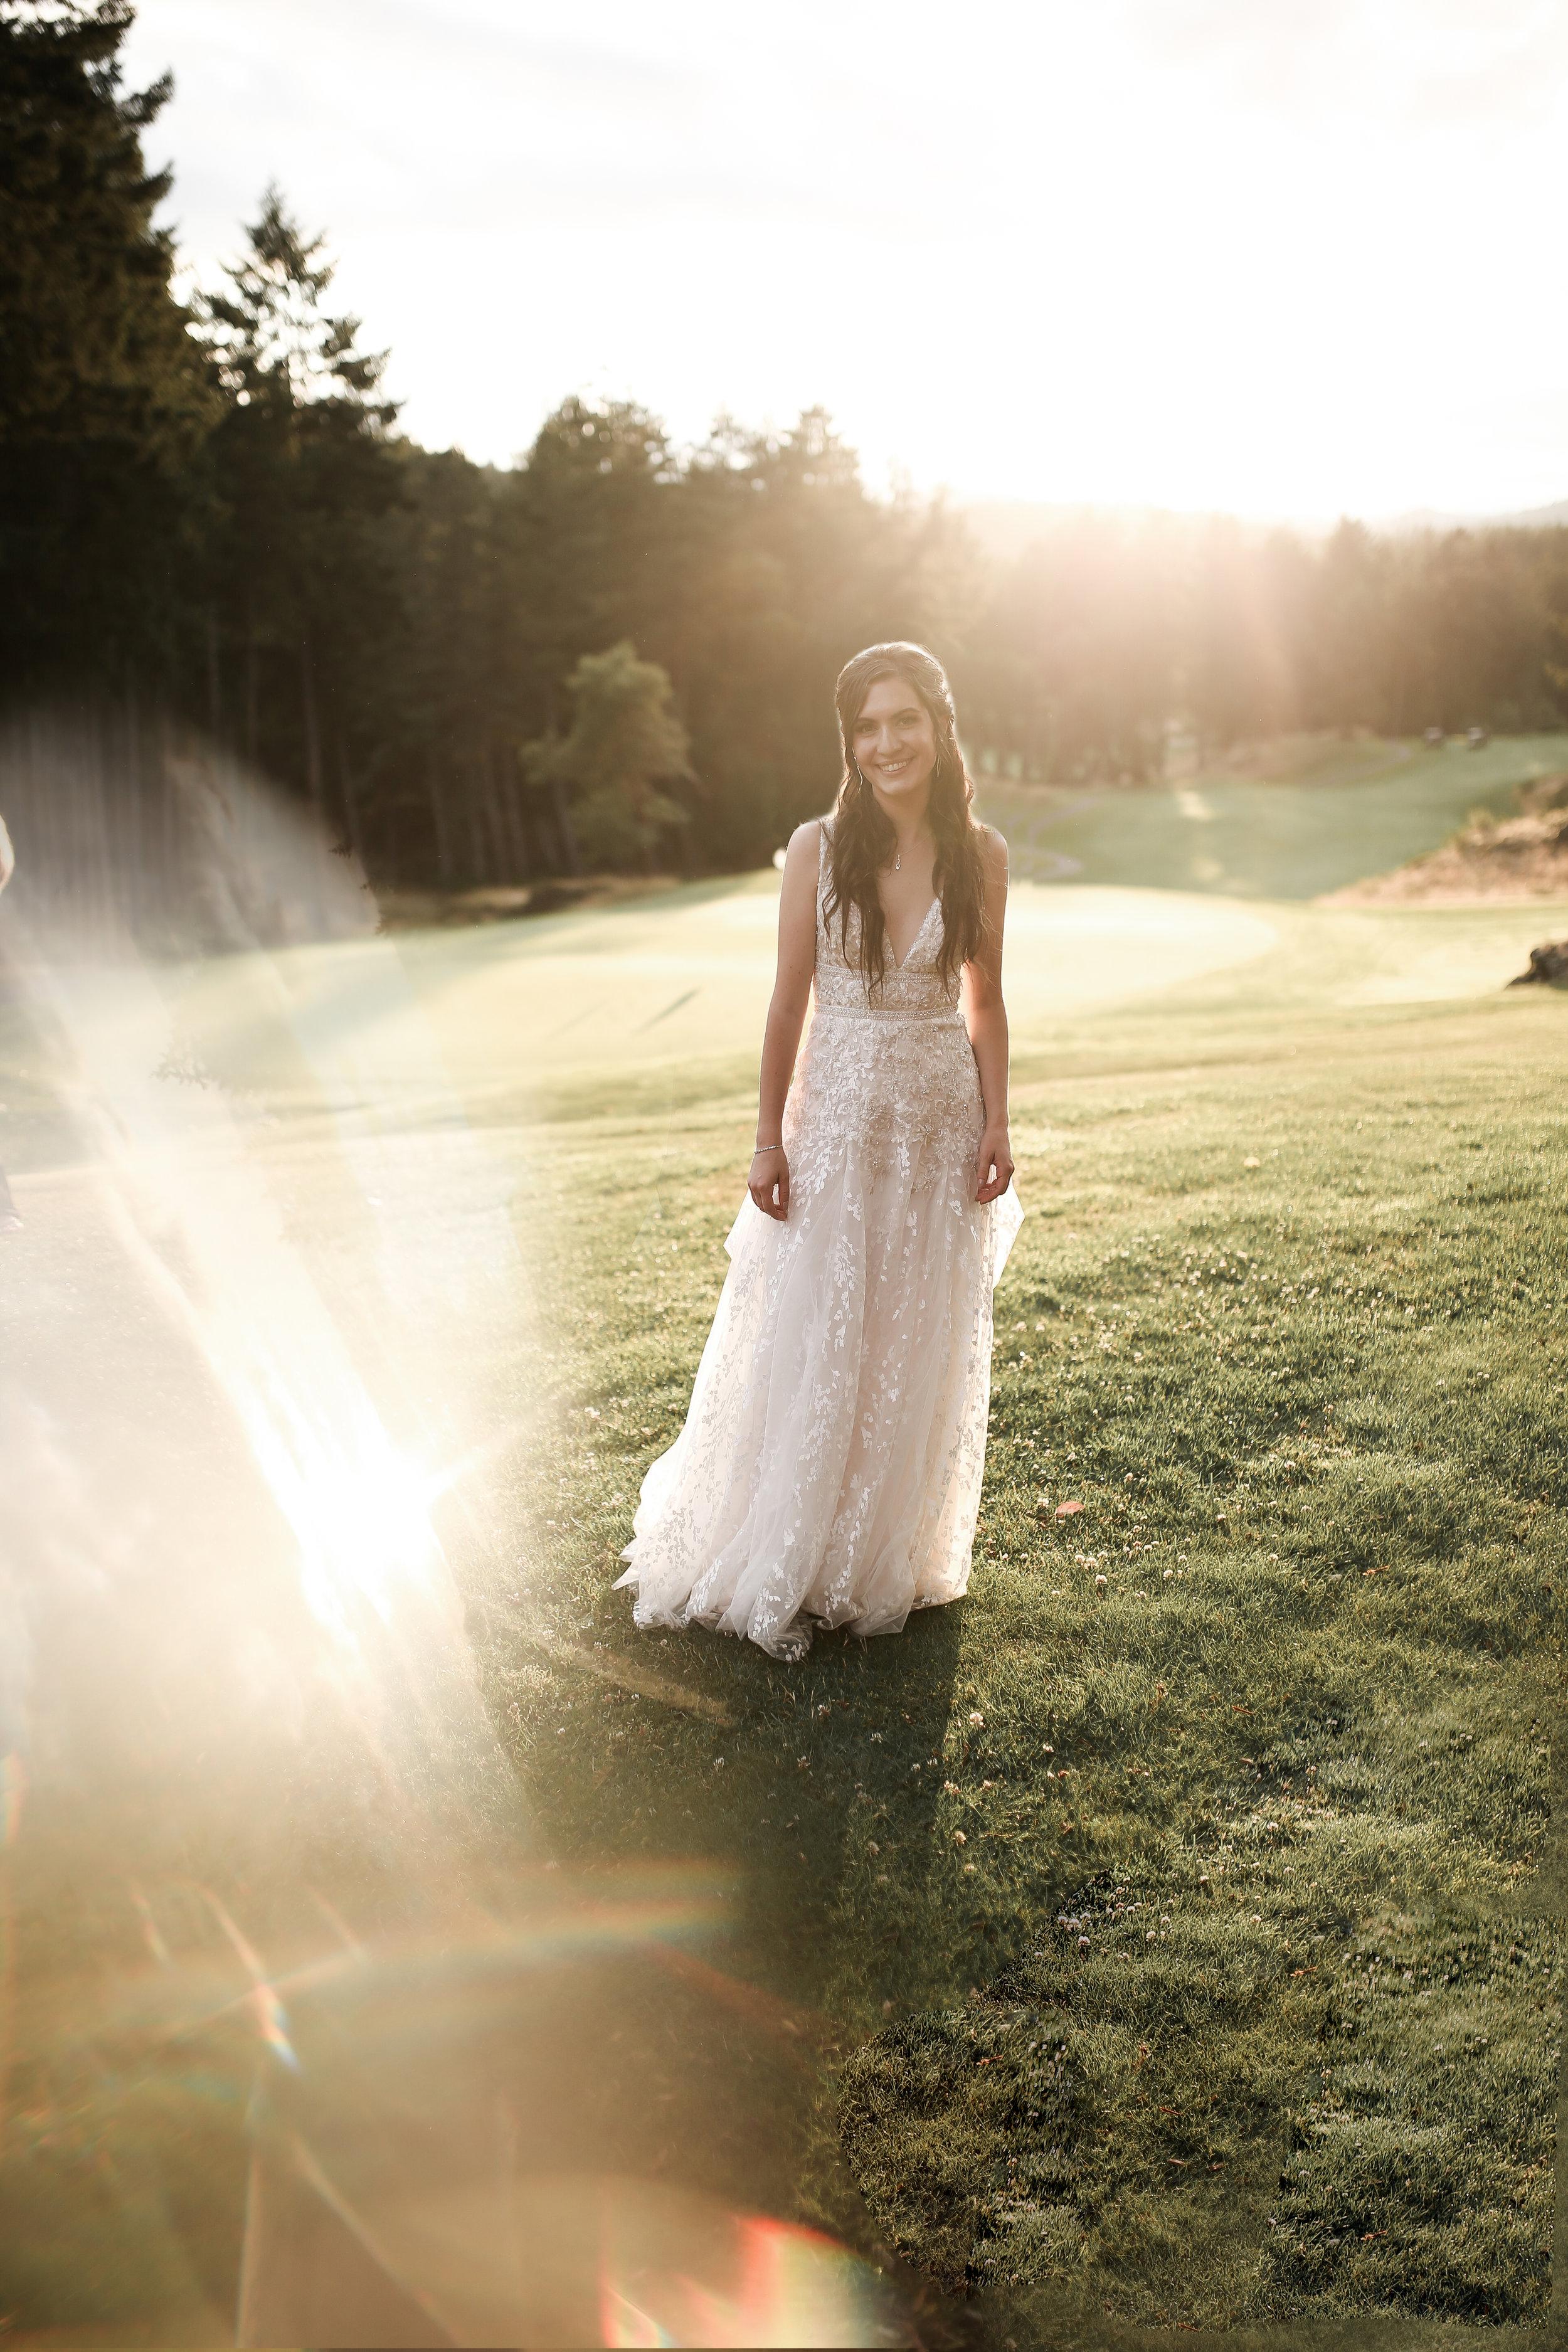 07 Adam Ziorio Photography - Allison & Austin's Wedding.jpg